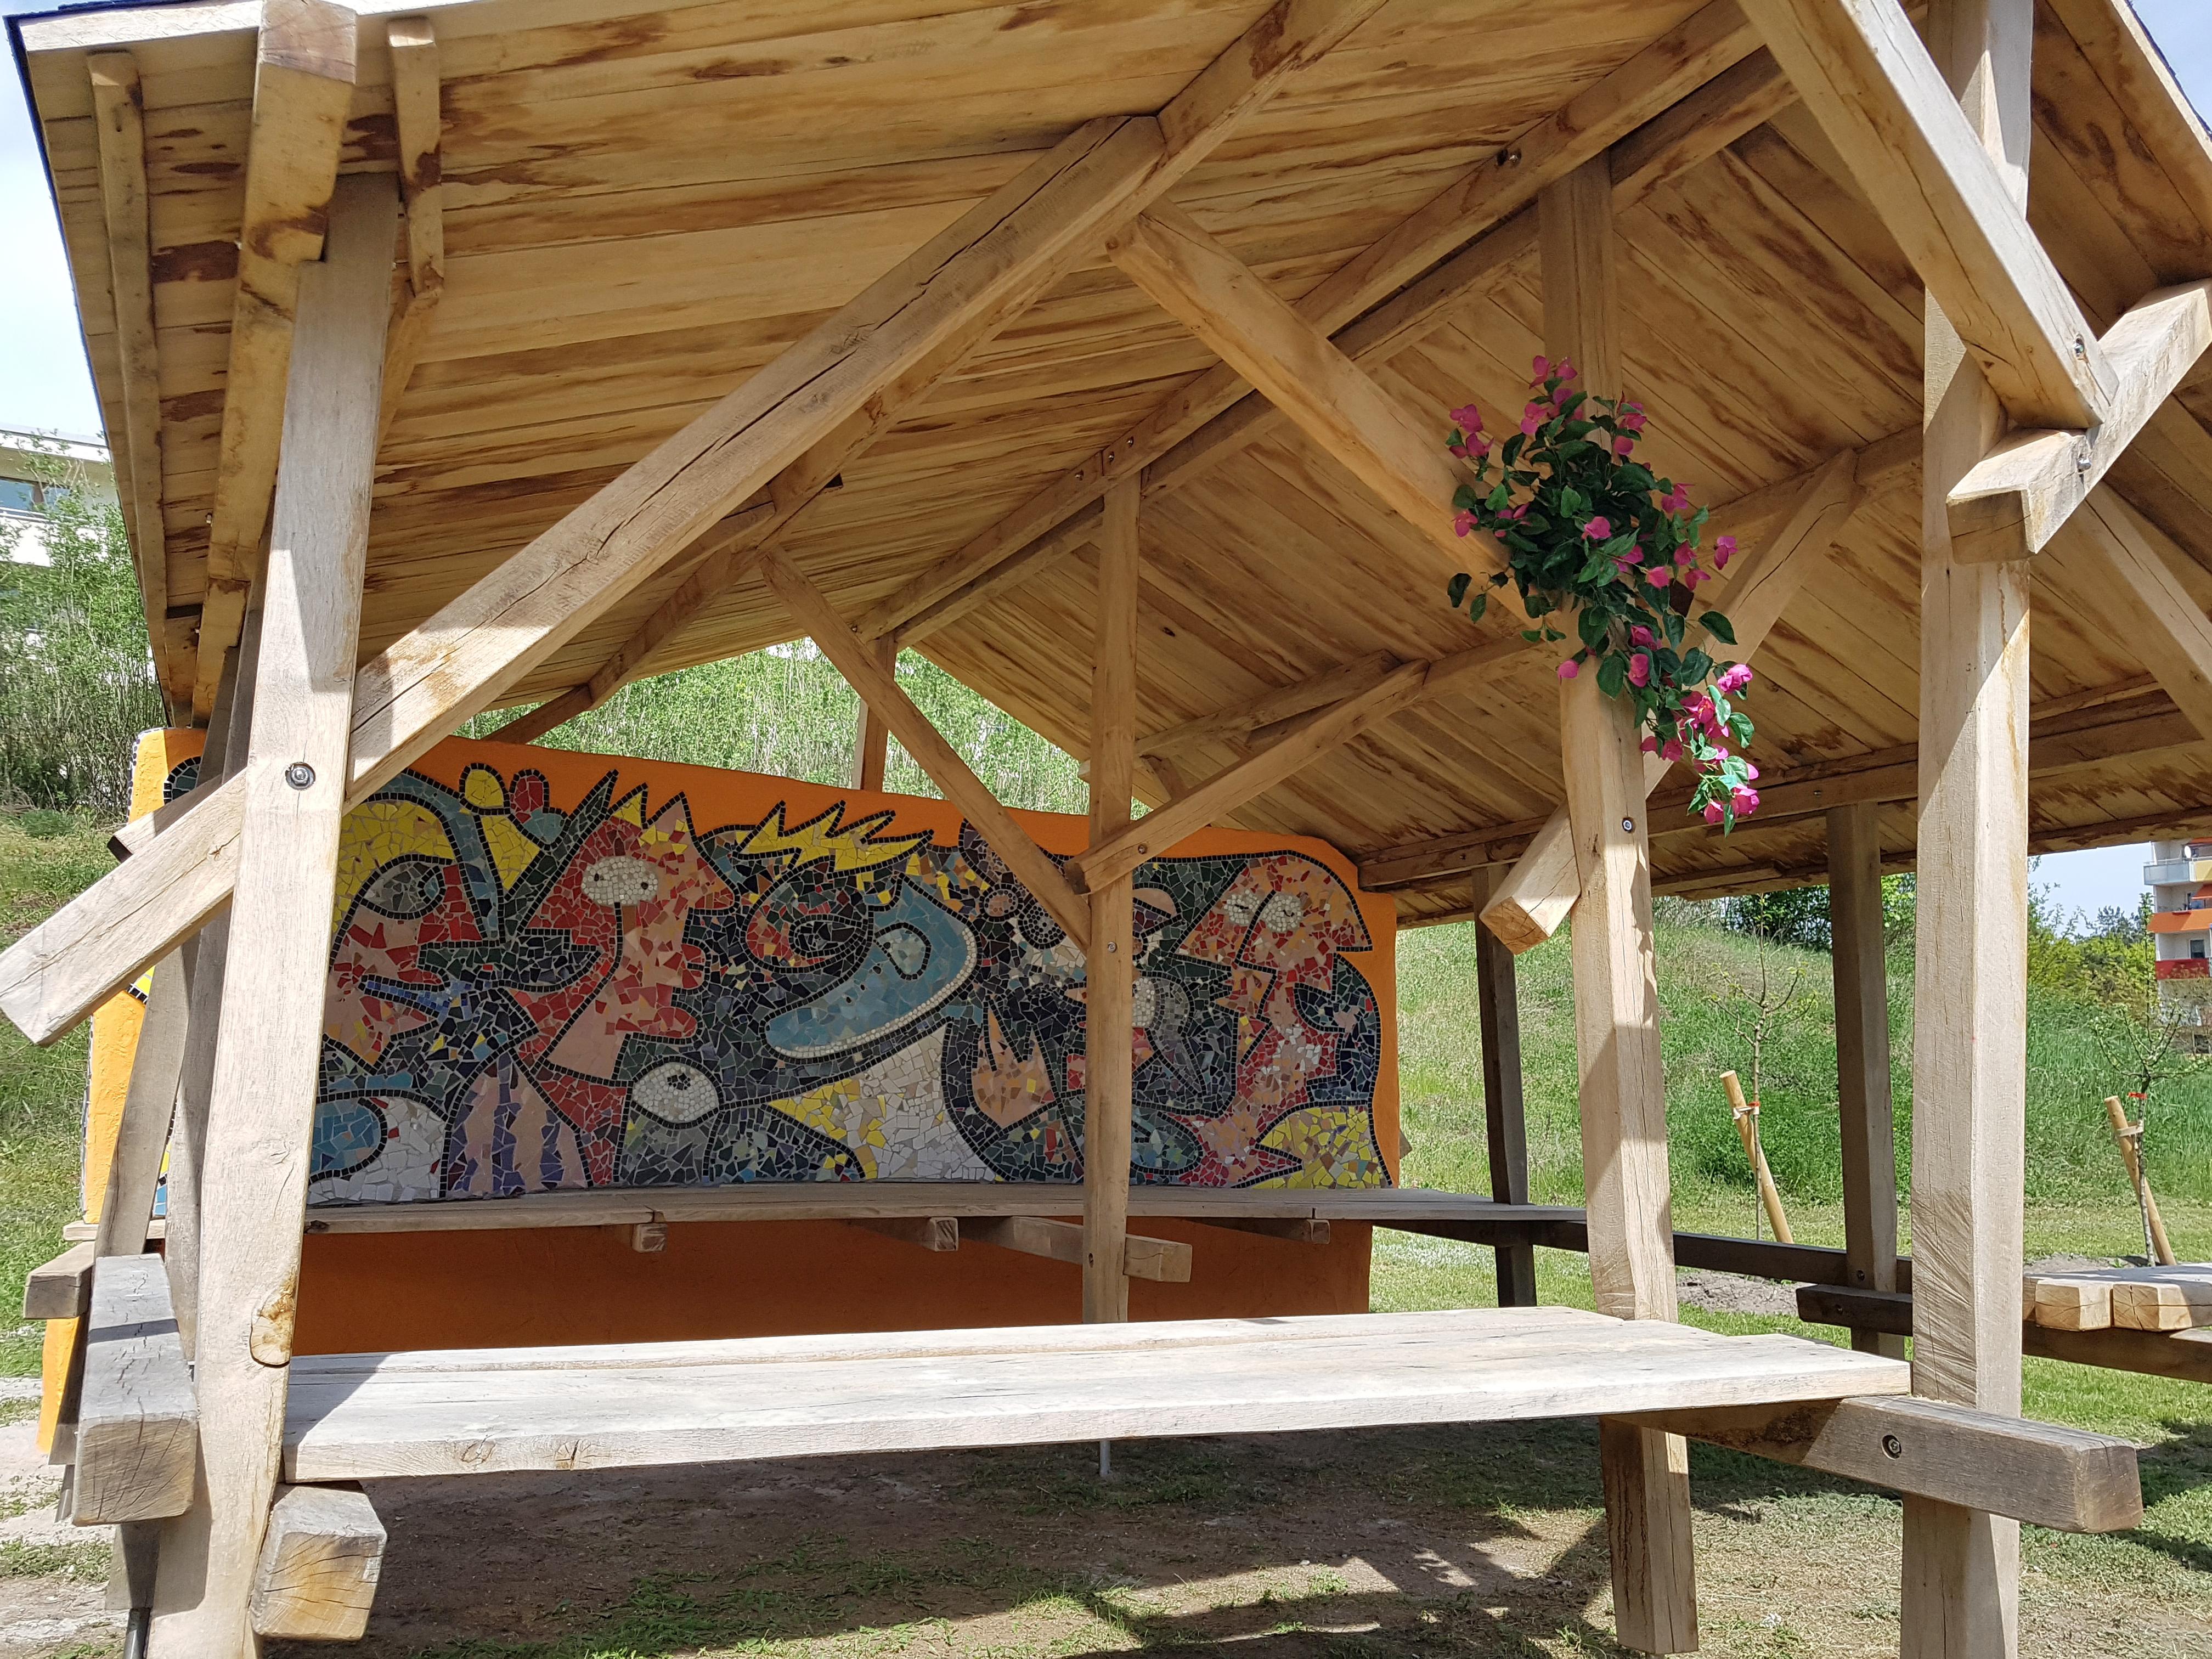 Jugendhütte mit Mosaikwand